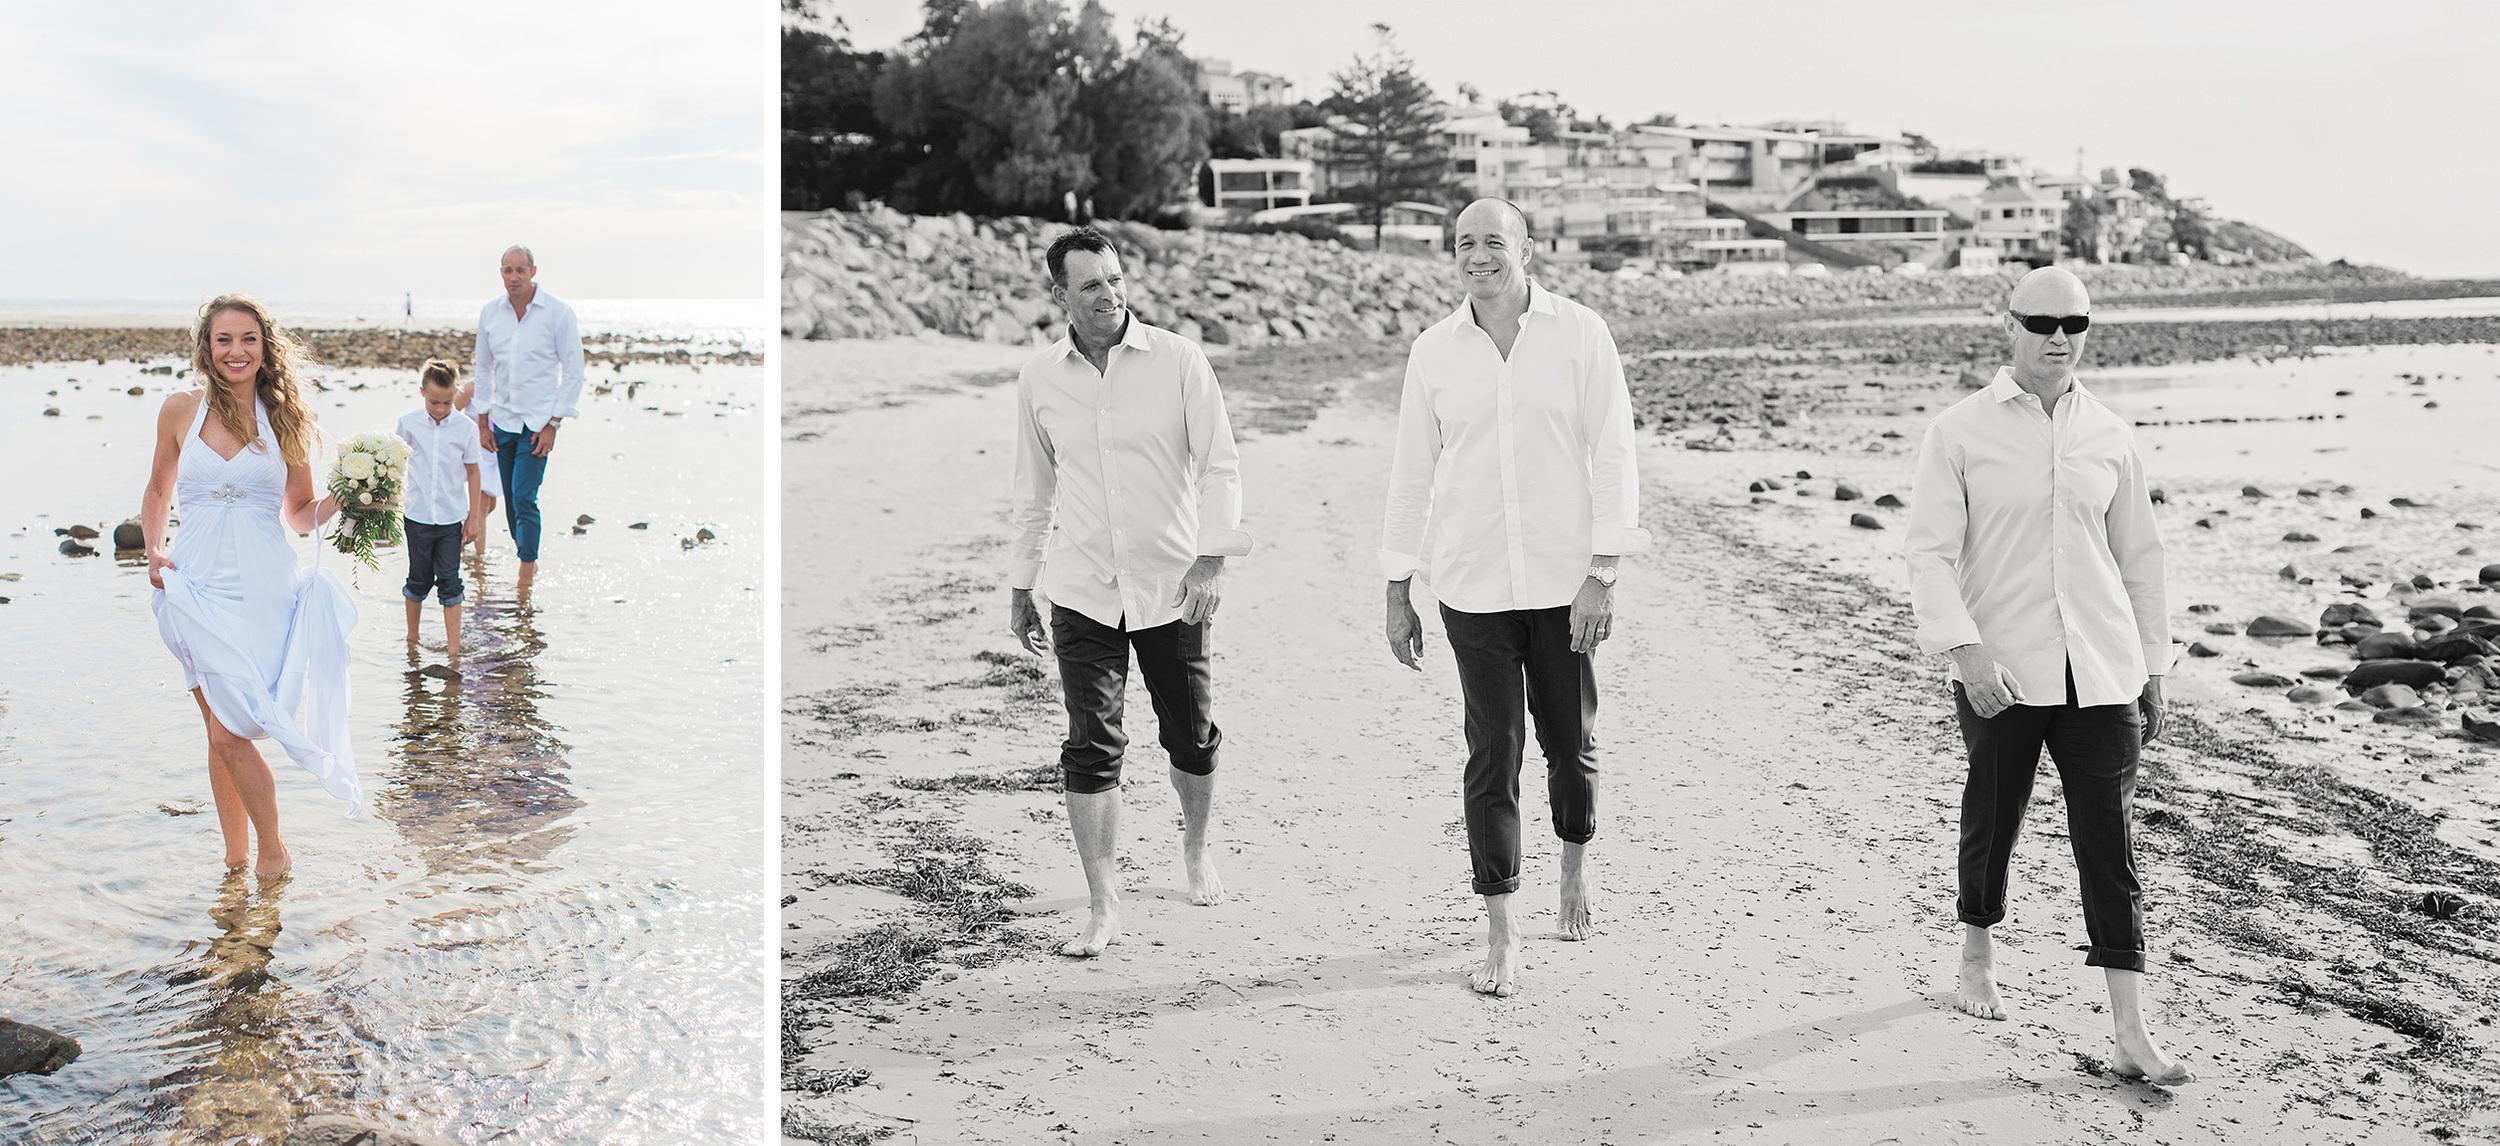 Seacliff Bohemian Beach Wedding 31.jpg